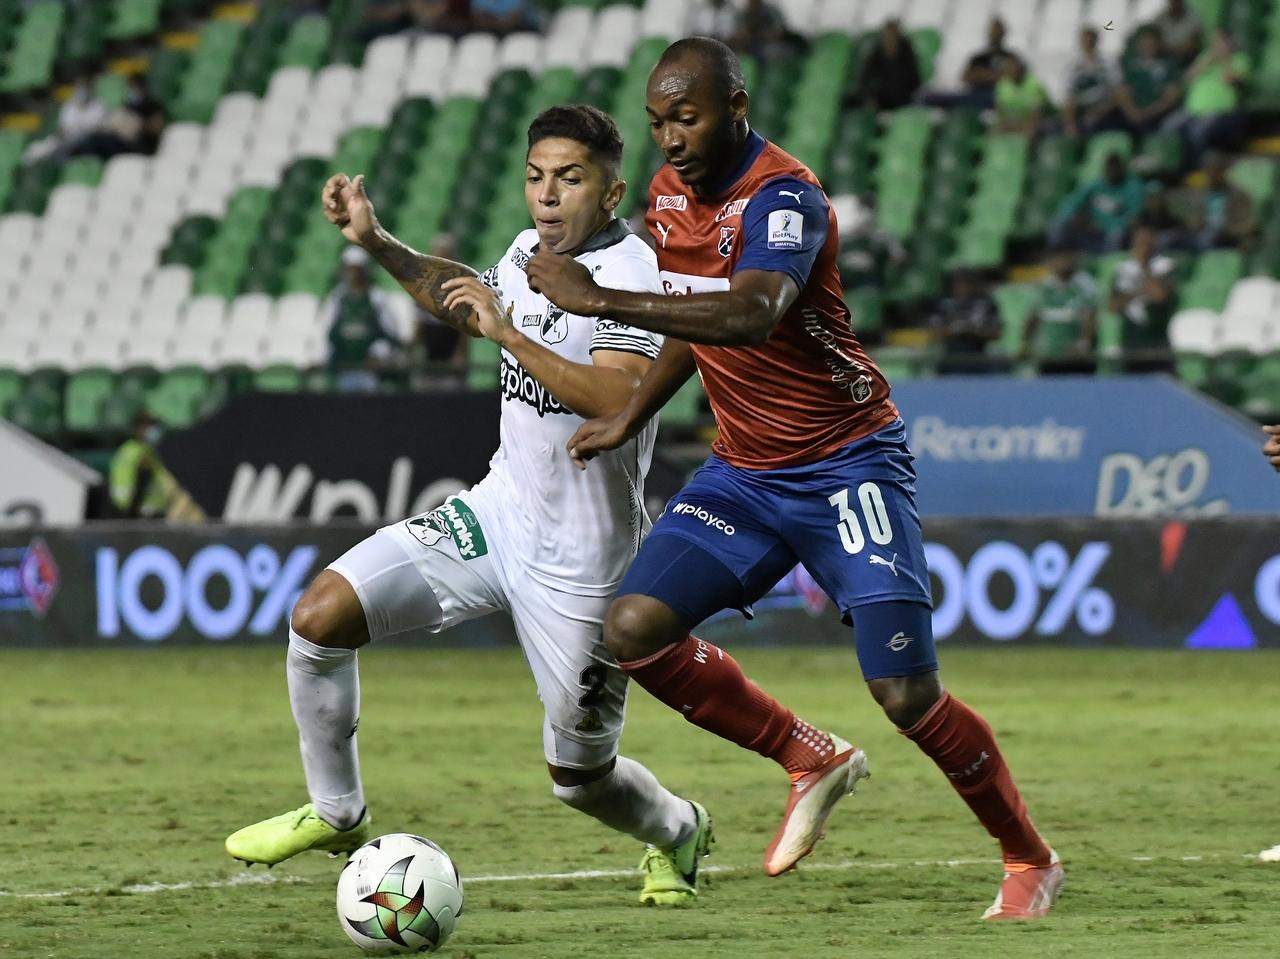 Medellin vs Cali en Copa 2